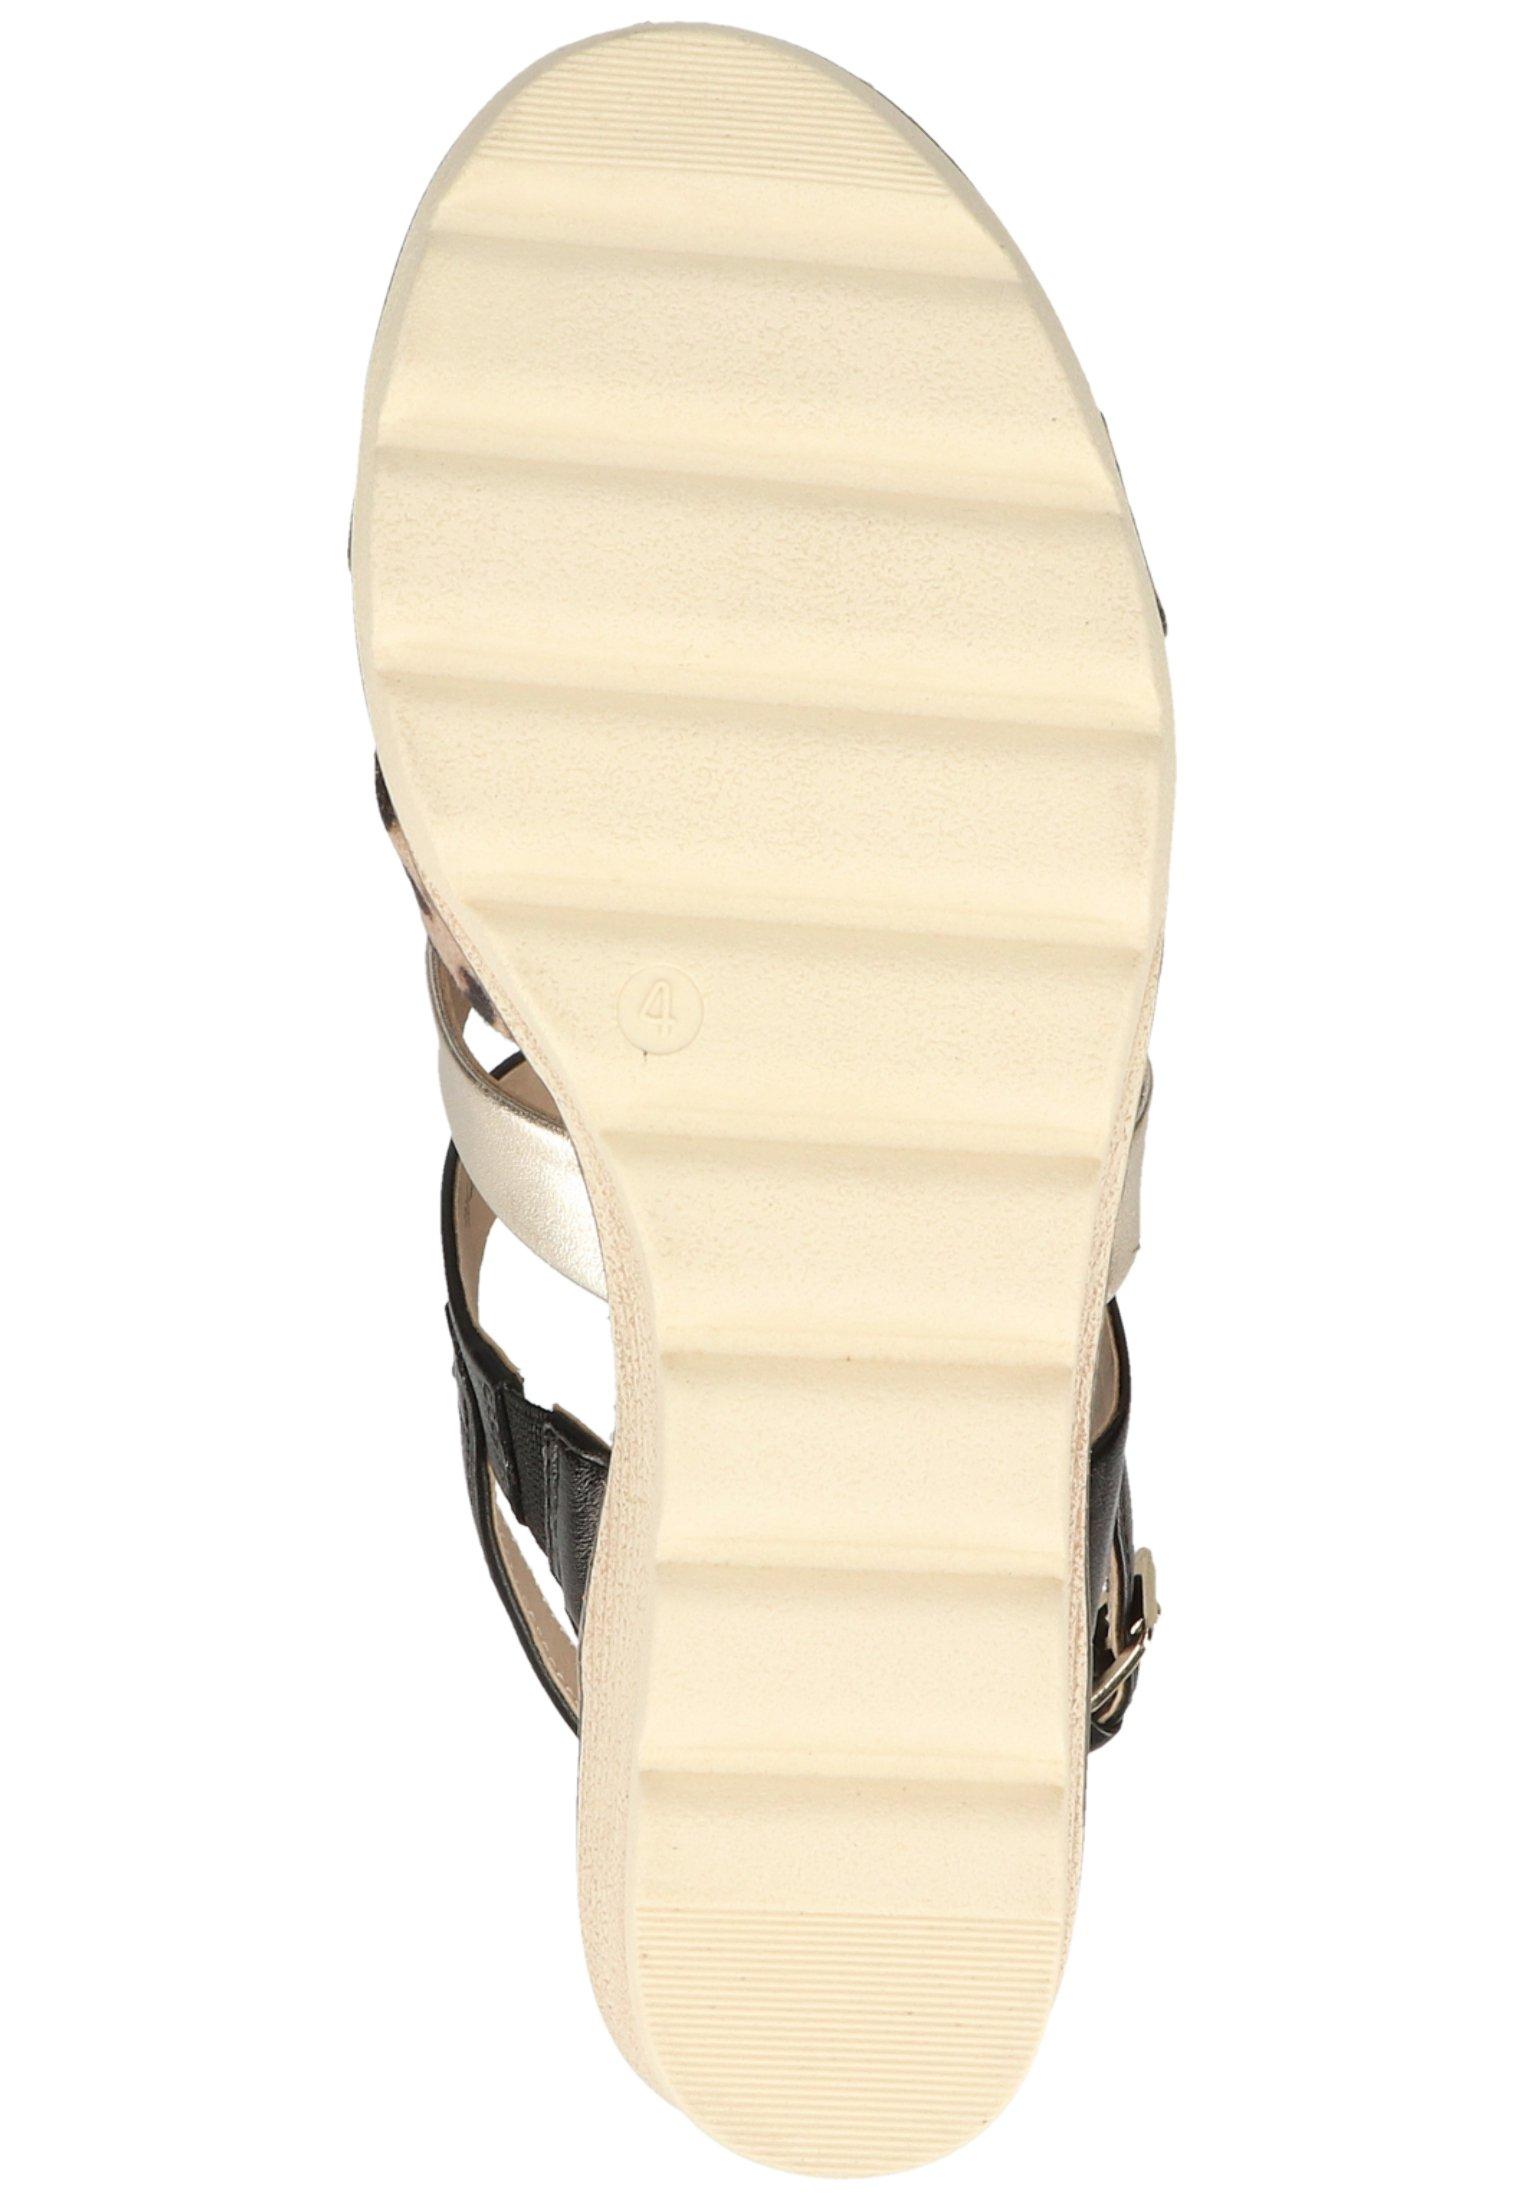 Scarpe da donna Caprice Sandali con zeppa leo comb 939